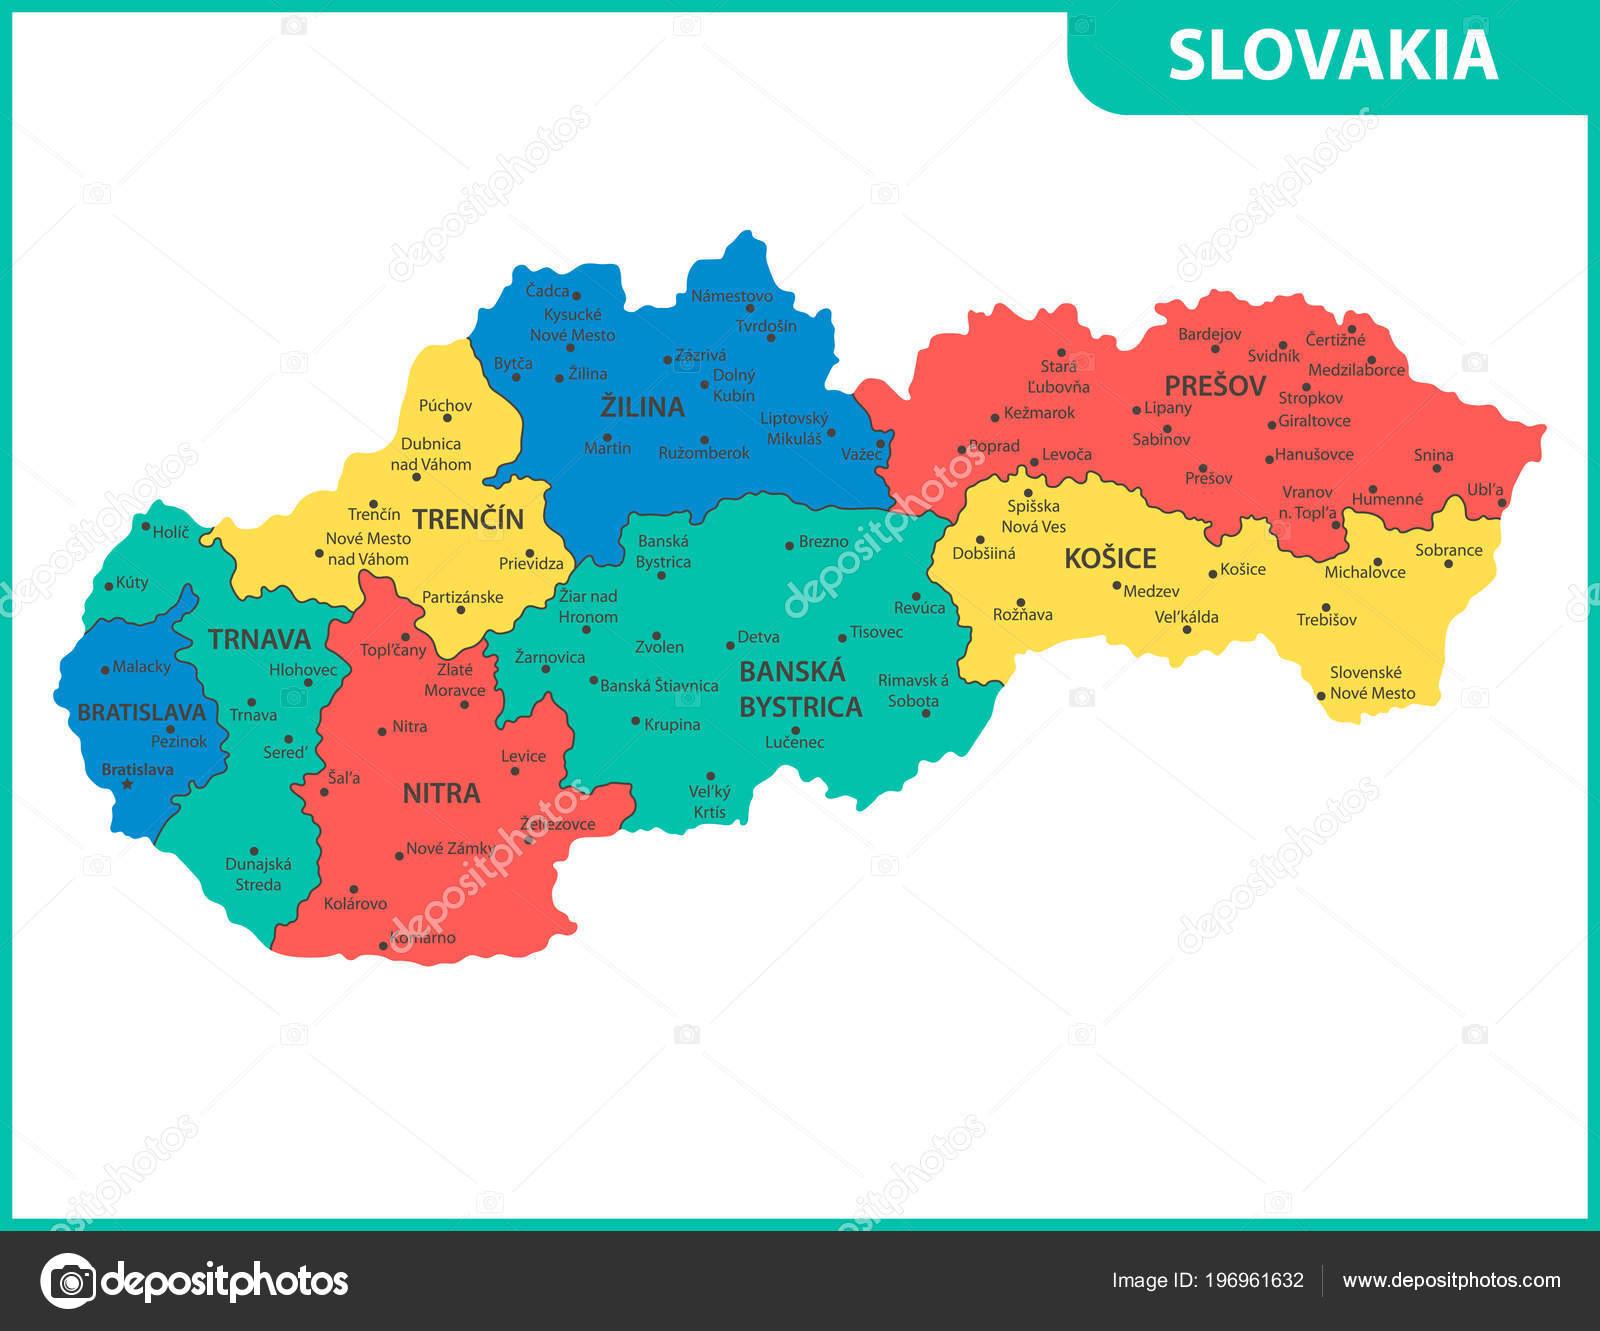 スロバキアの地域または州と都市...